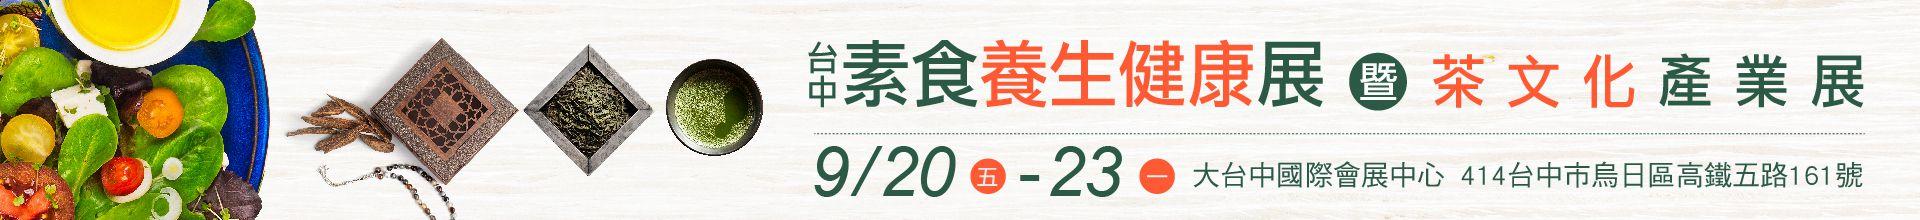 2019台中素食養生健康展暨茶文化產業展